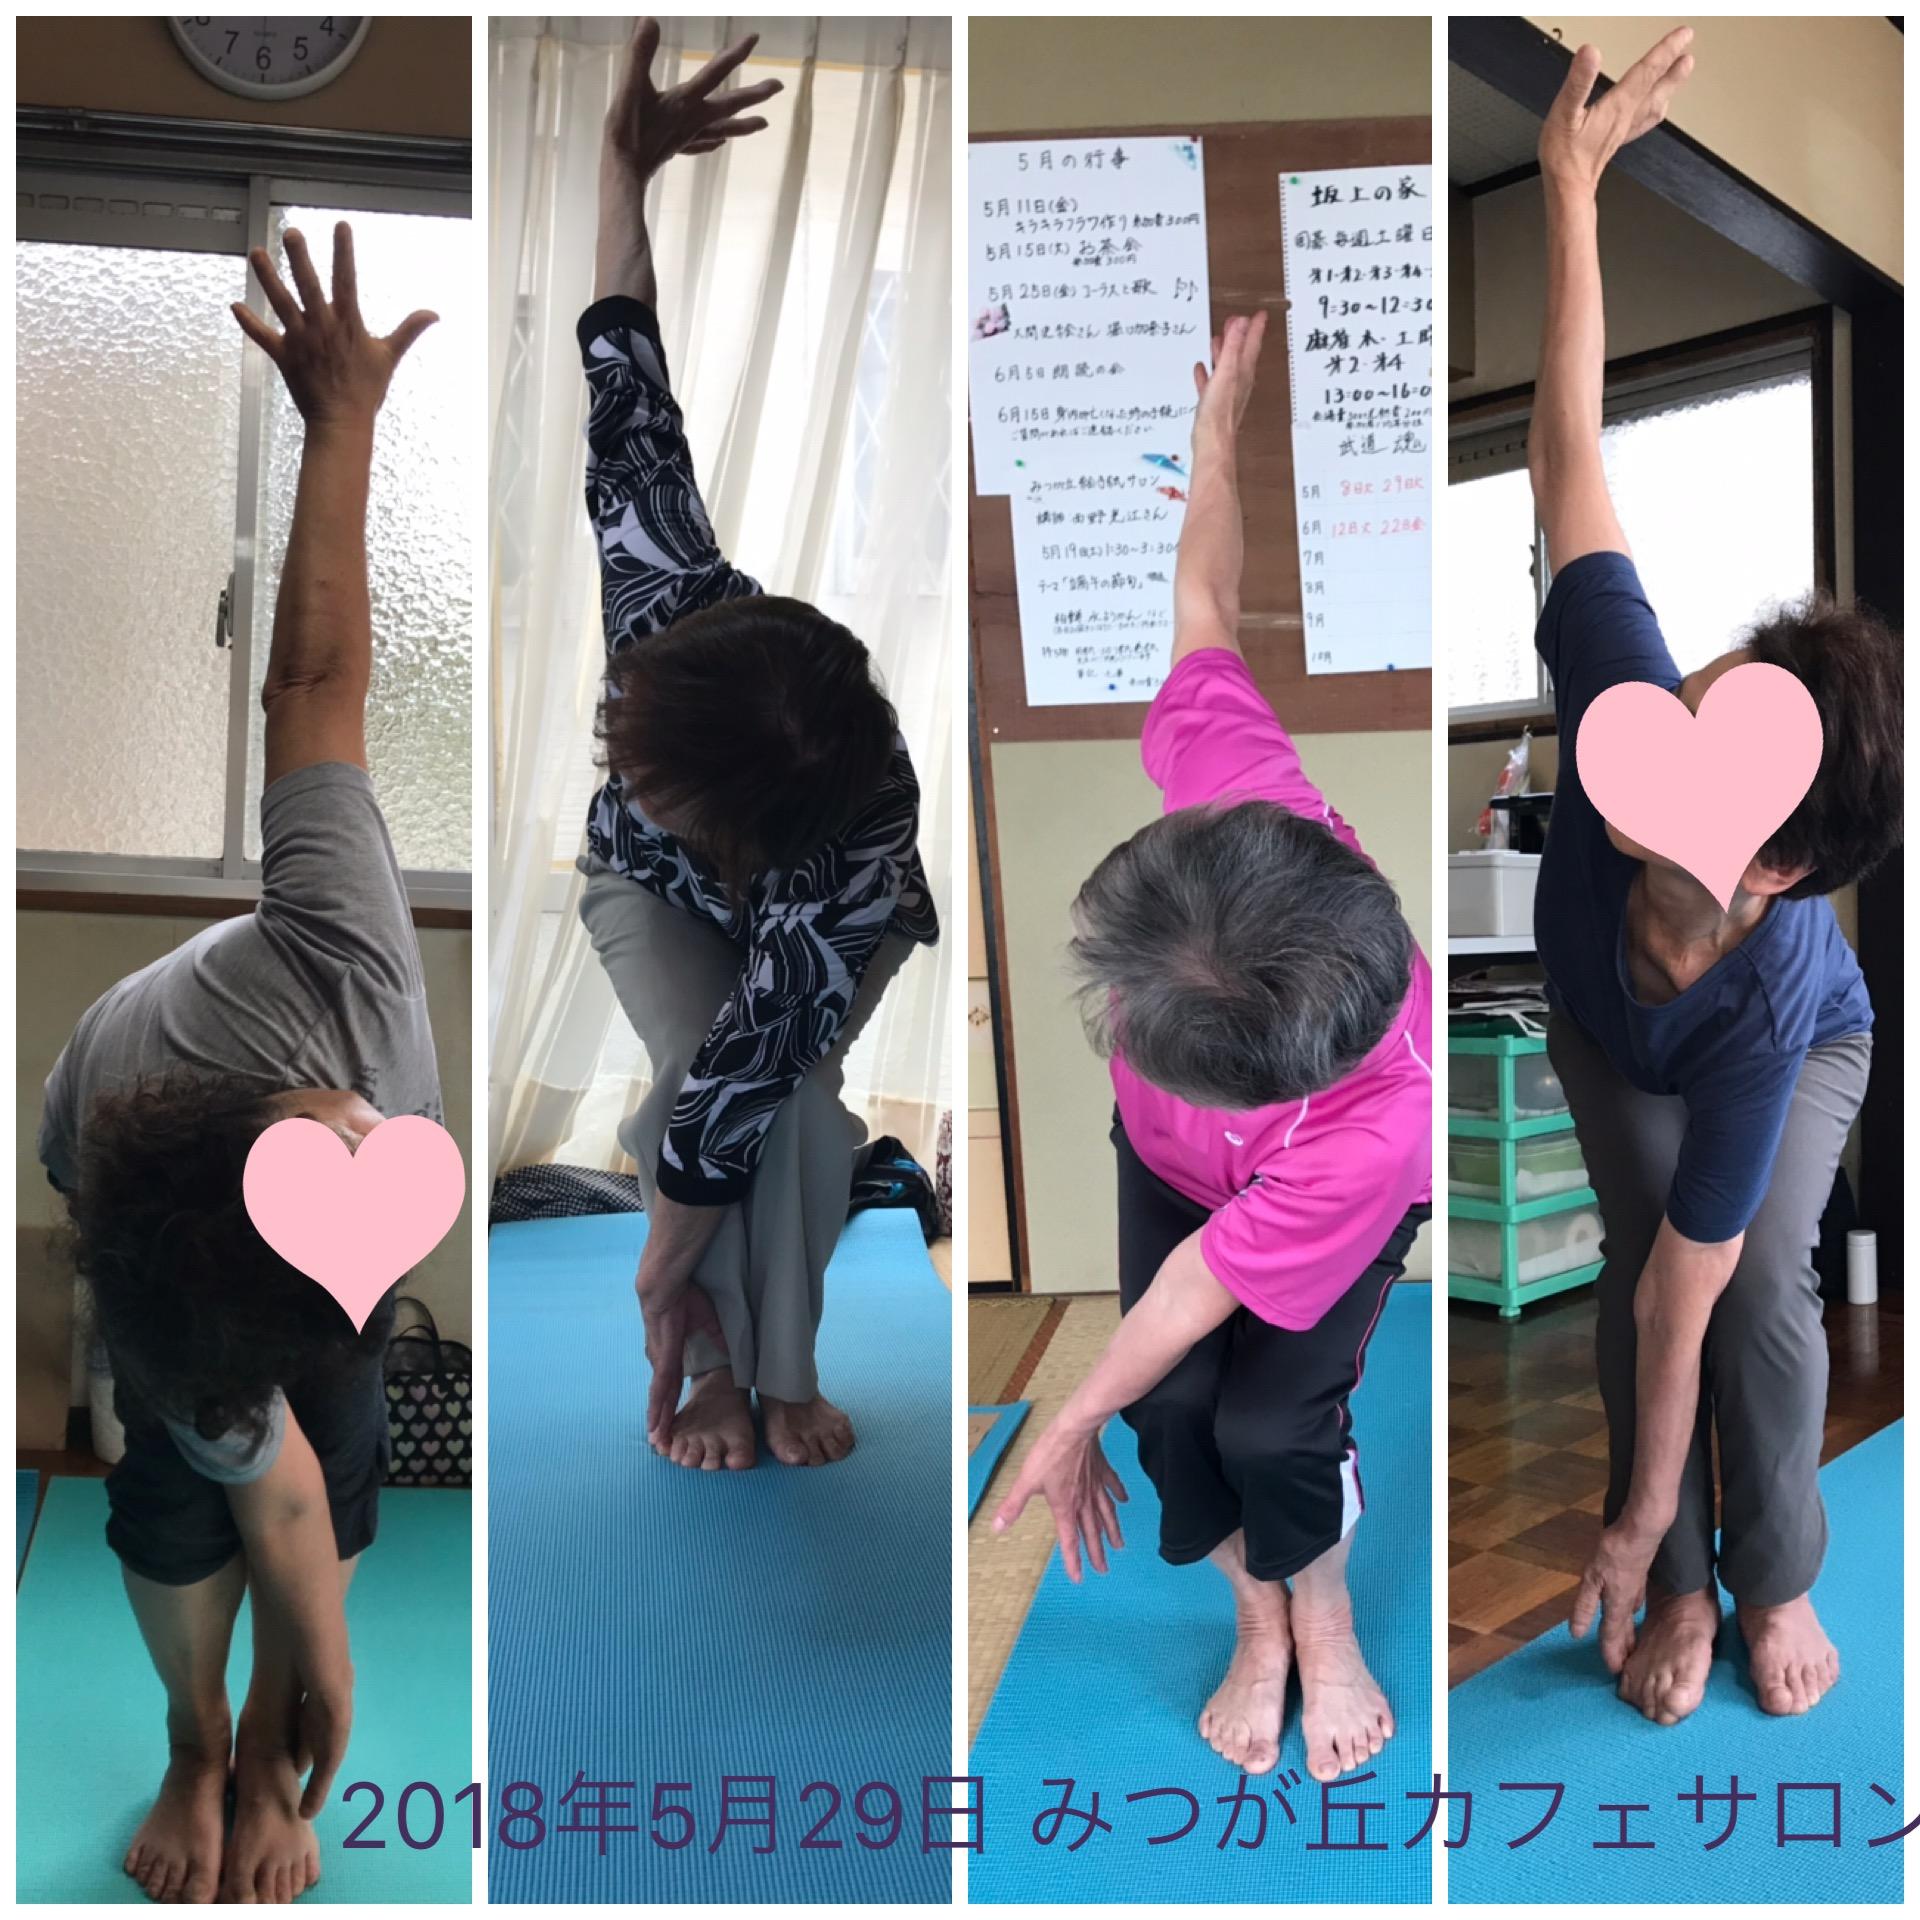 2018年5月29日 みつが丘カフェサロン 〜budokon 〜